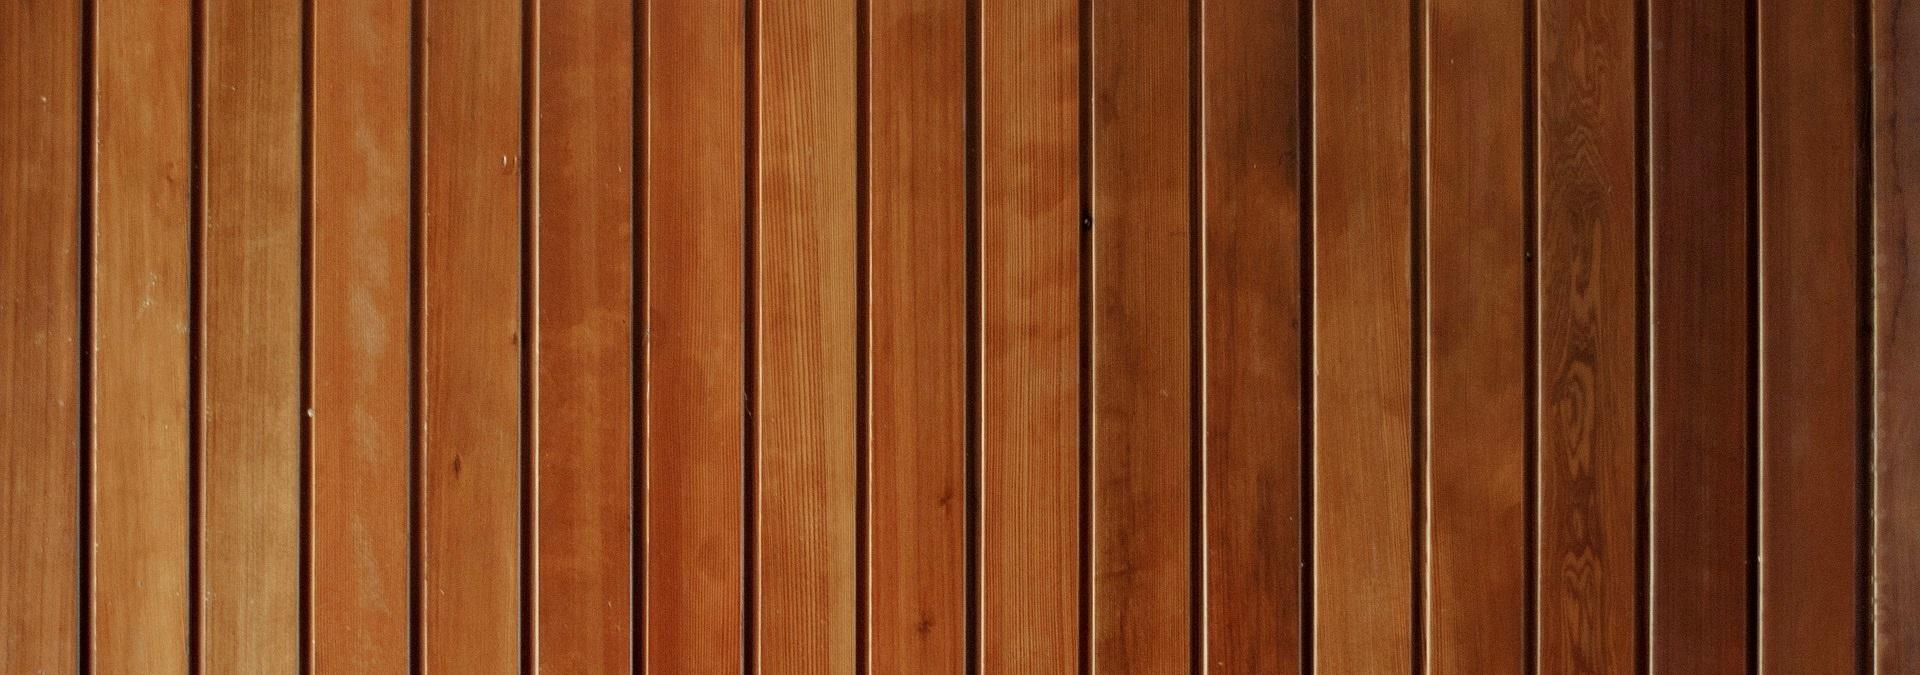 Neubaufeuchteschäden Feuchtigkeit Bautrocknung Duregger Bautrockner Restfeuchte Schimmel Folgeschäden CM Messung Trocknungszeit Estrich Beton Checkliste mieten München Holz